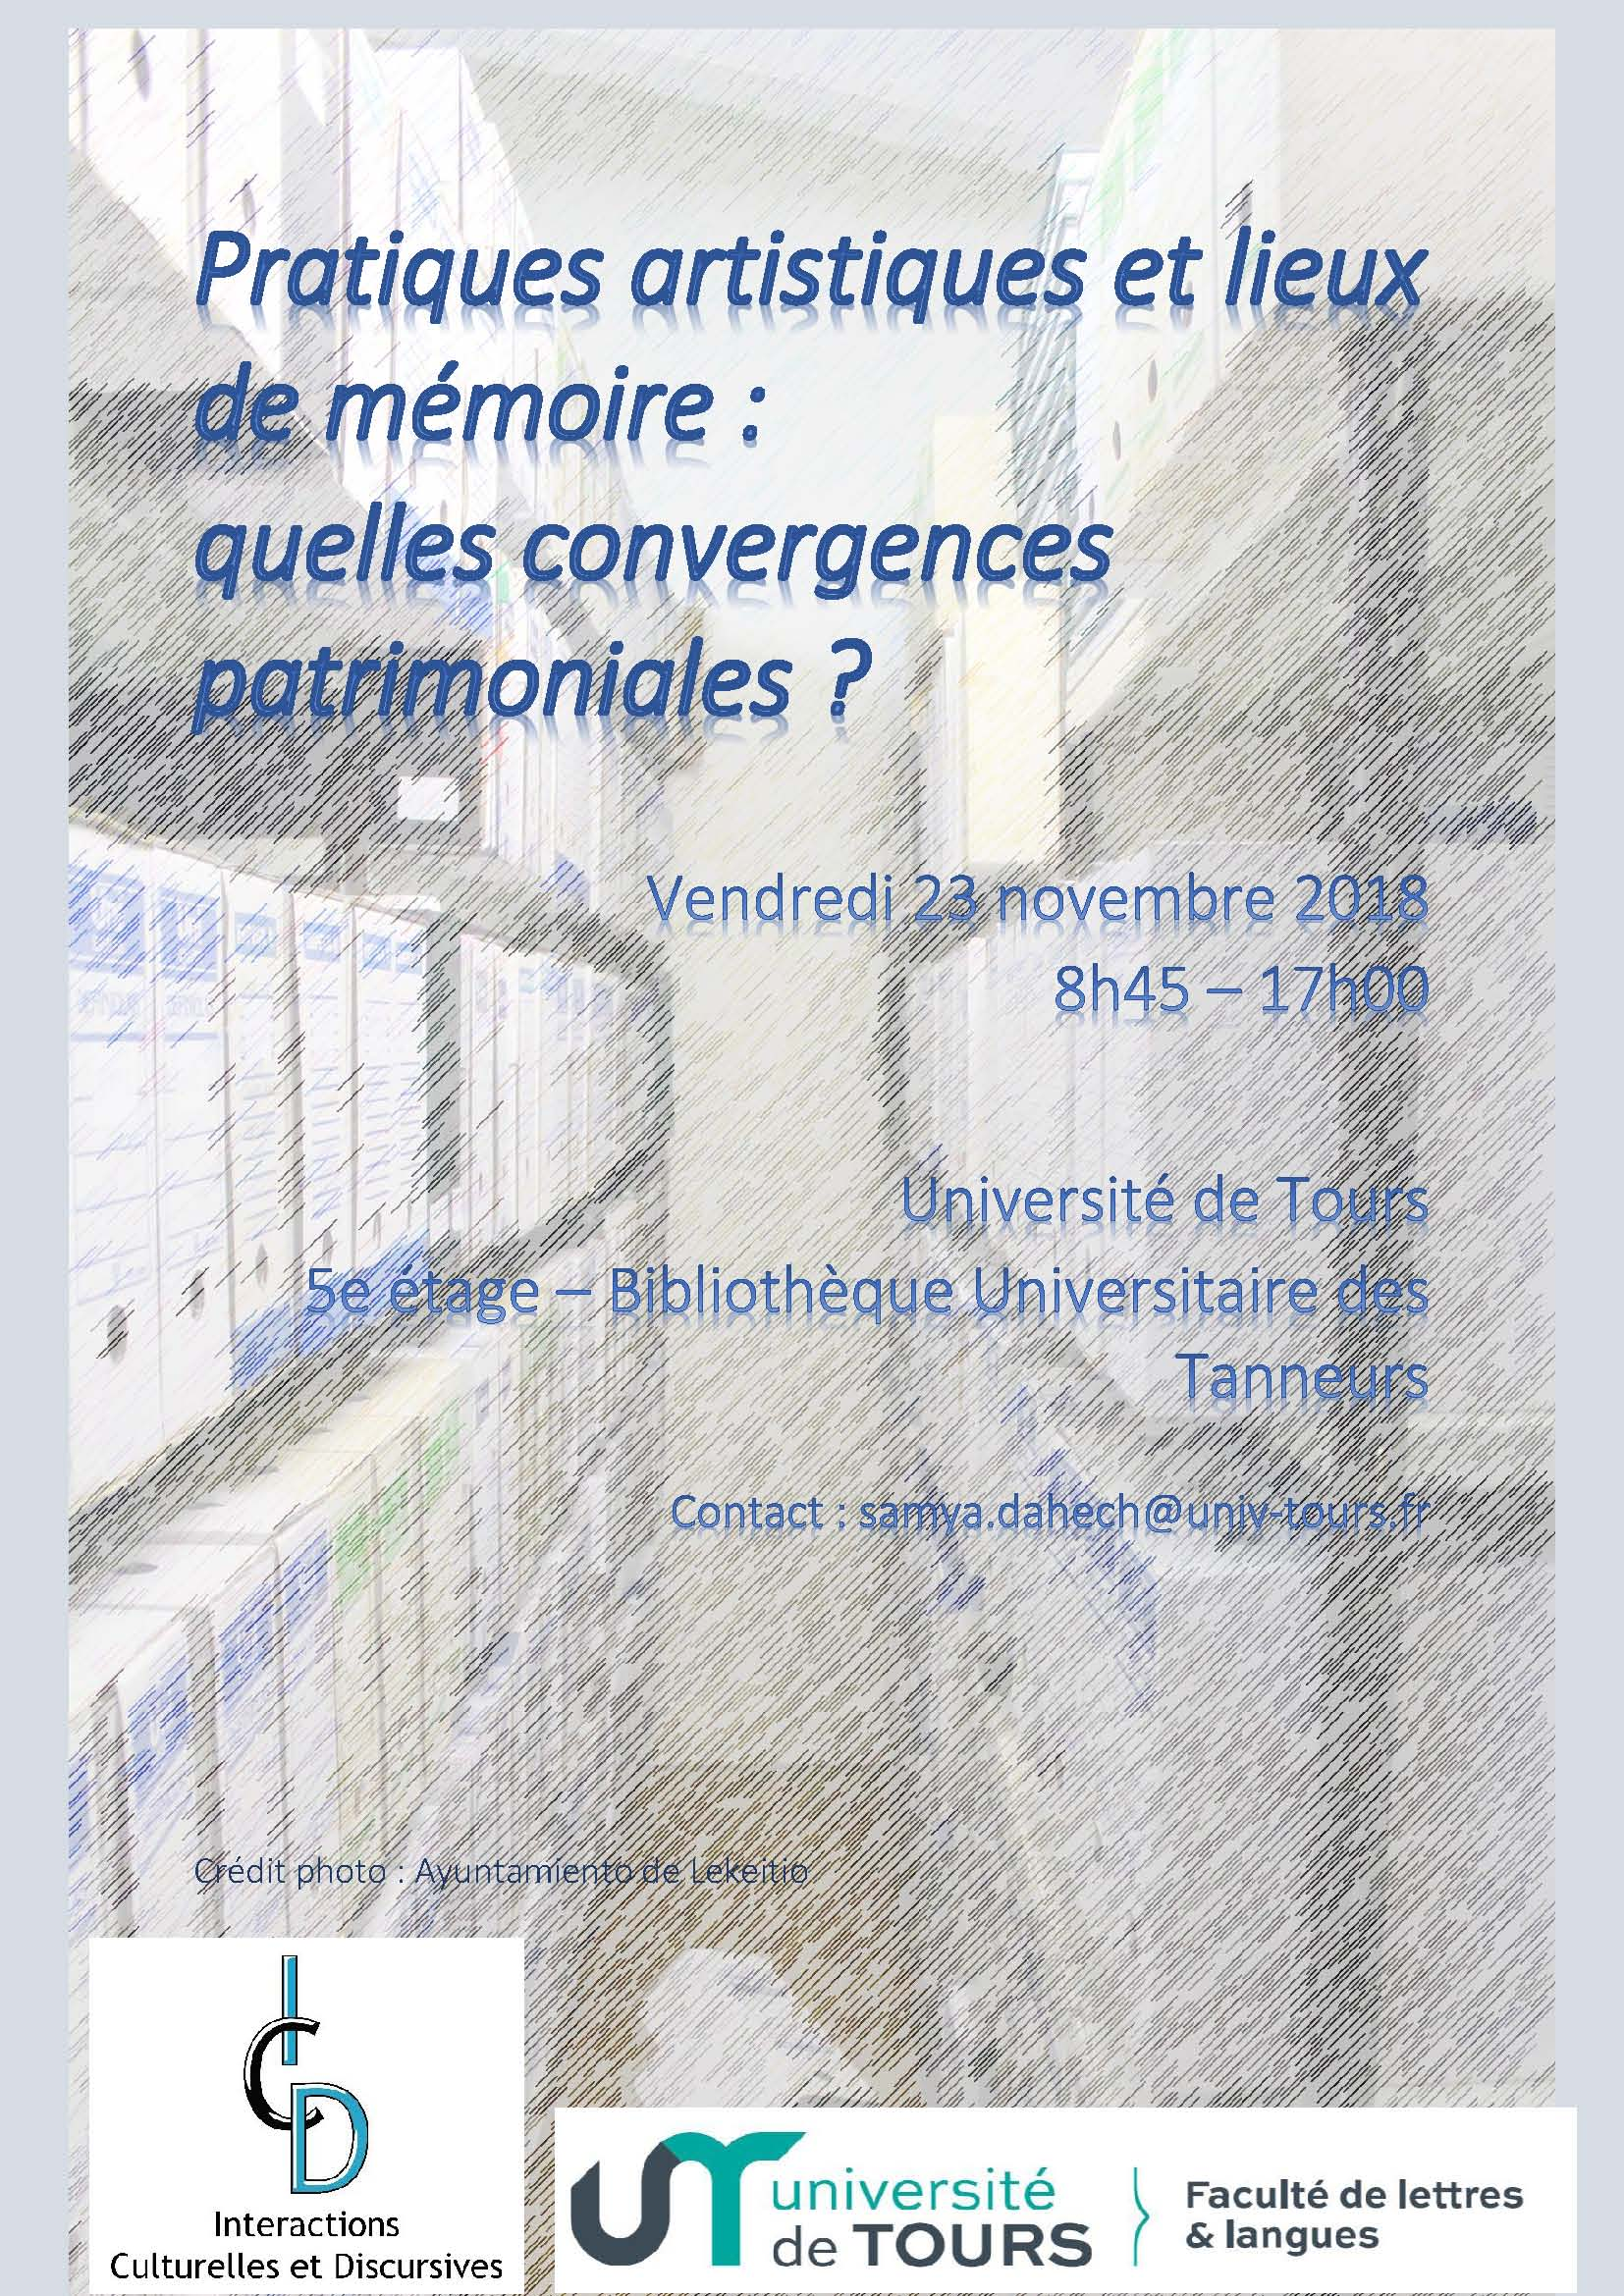 Pratiques artistiques et lieux de mémoire